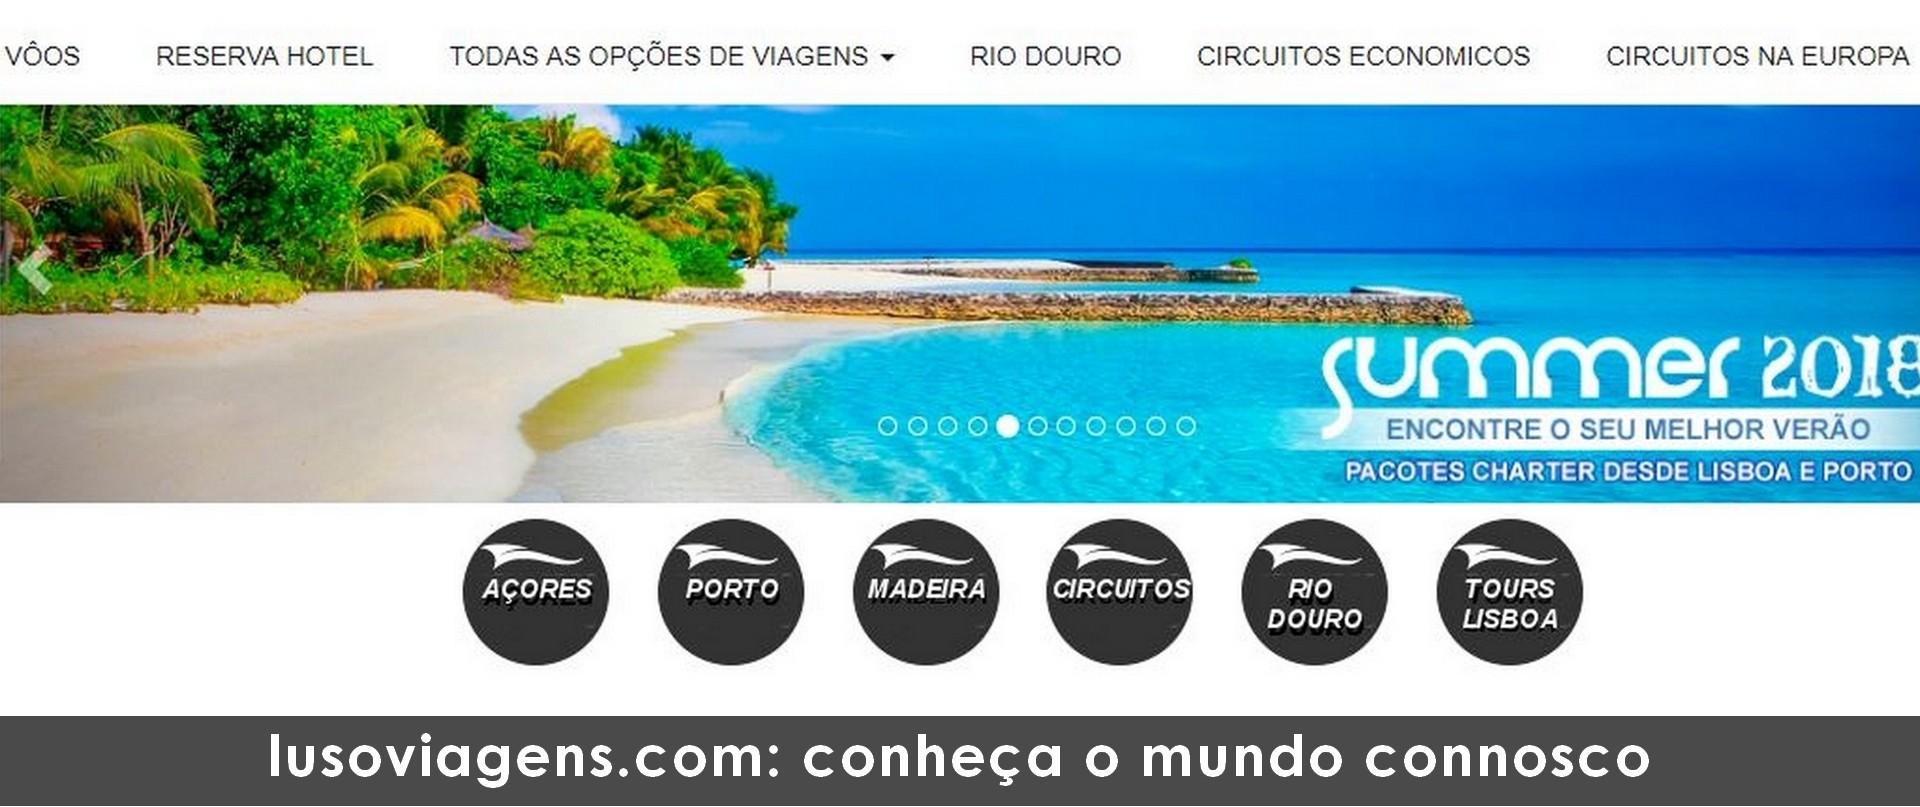 http://www.cantinhodamadeira.pt/cache/resized/53add3e493ac092ddc9b5d7f6d164179.jpg